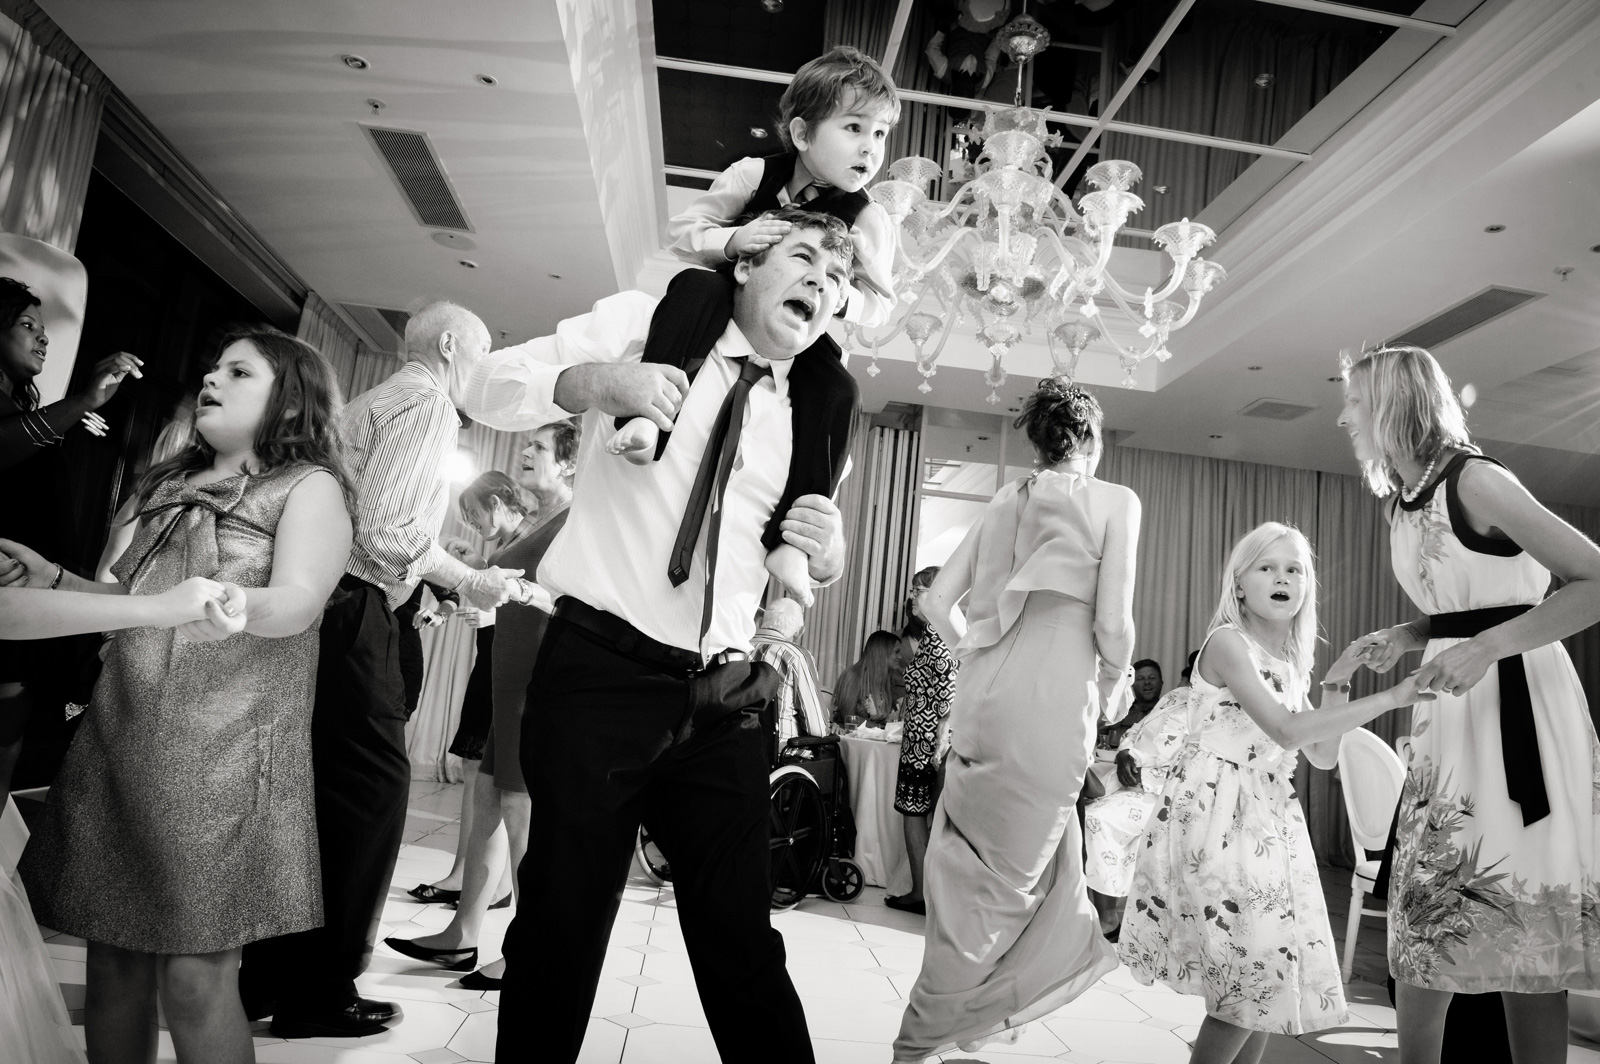 Crazy children at wedding